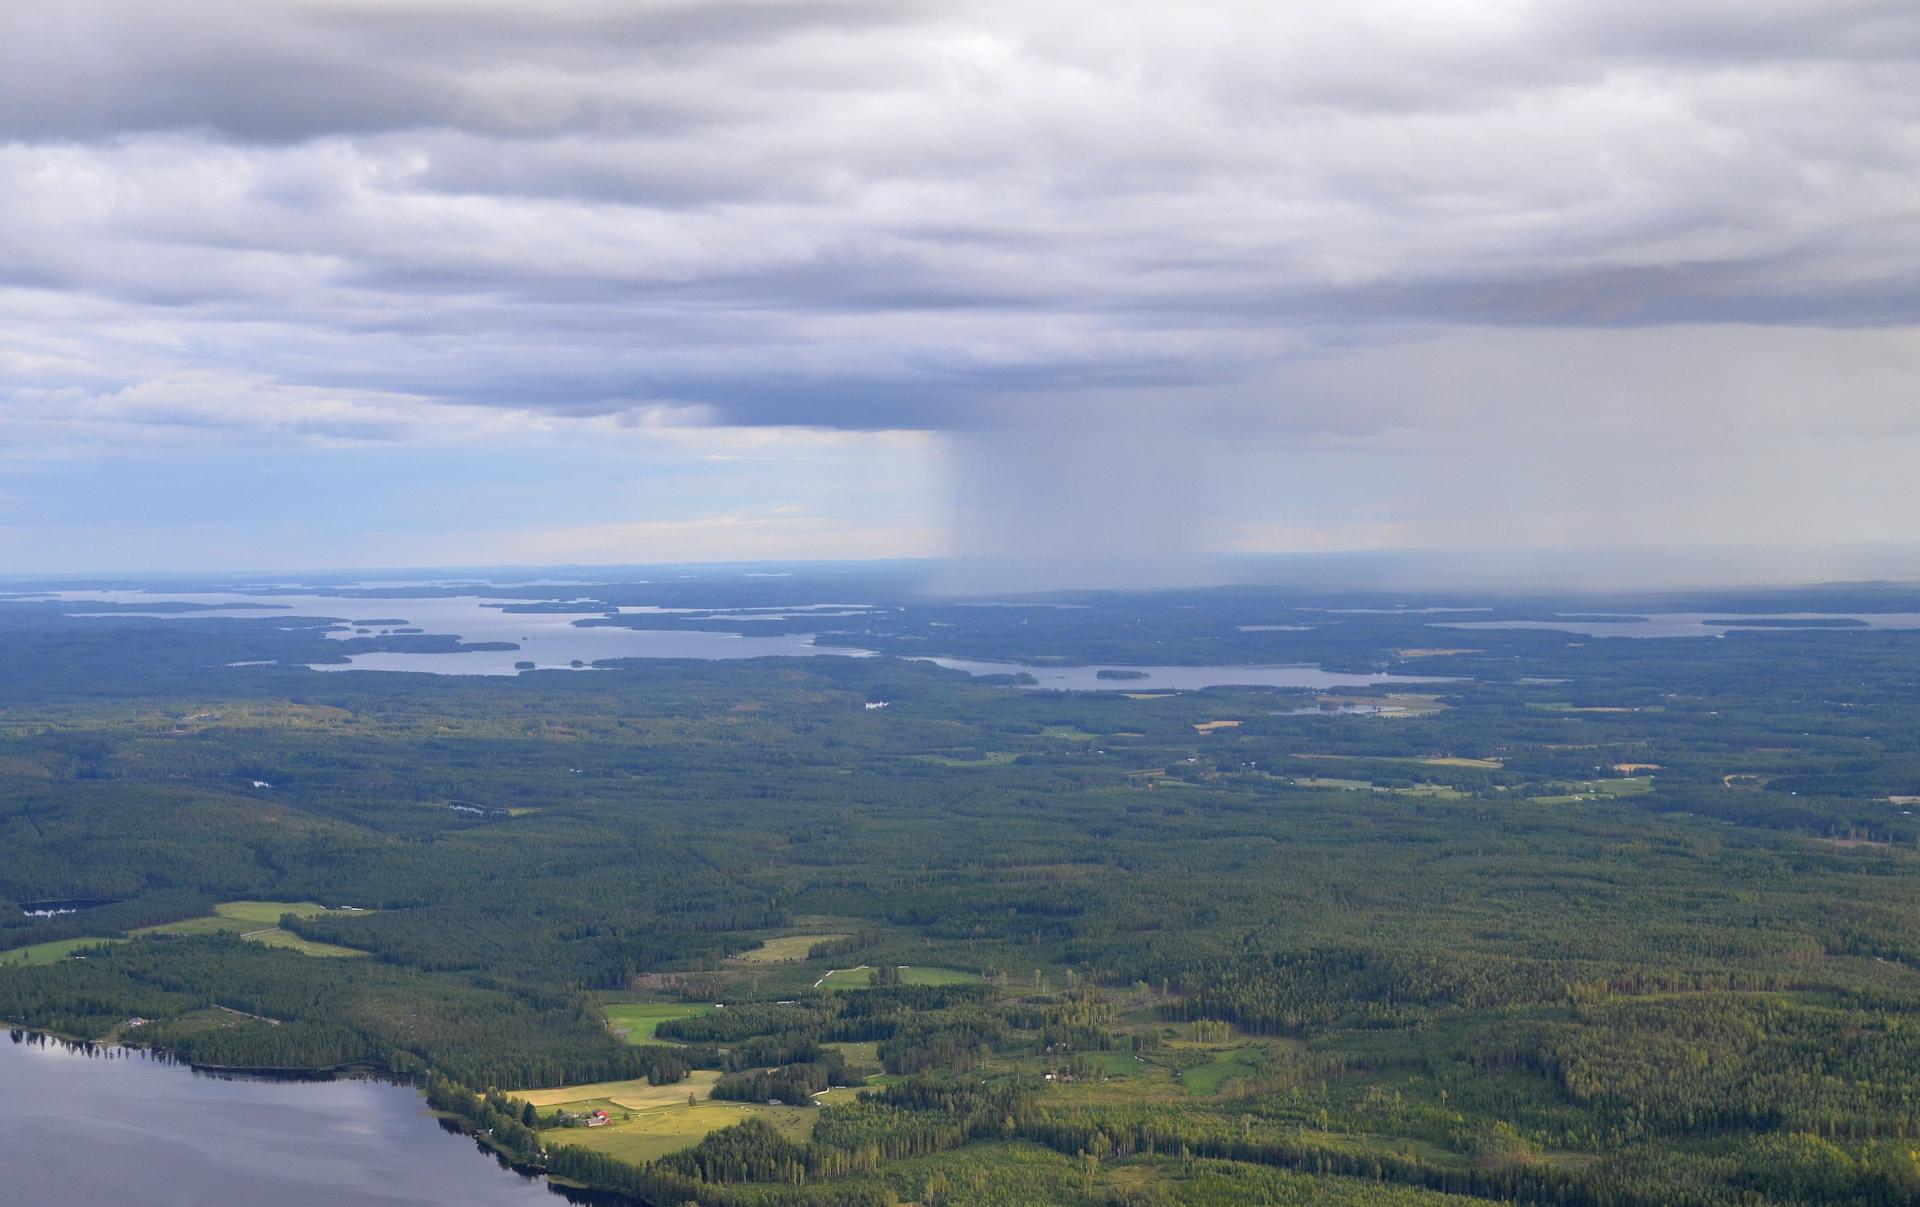 Pitkien helteiden lopuksi tuli ukkoset ja pilvet vuotaa vuolaasti vettä. Tuo sade on hieman Viitasaaren keskustan eteläpuolella